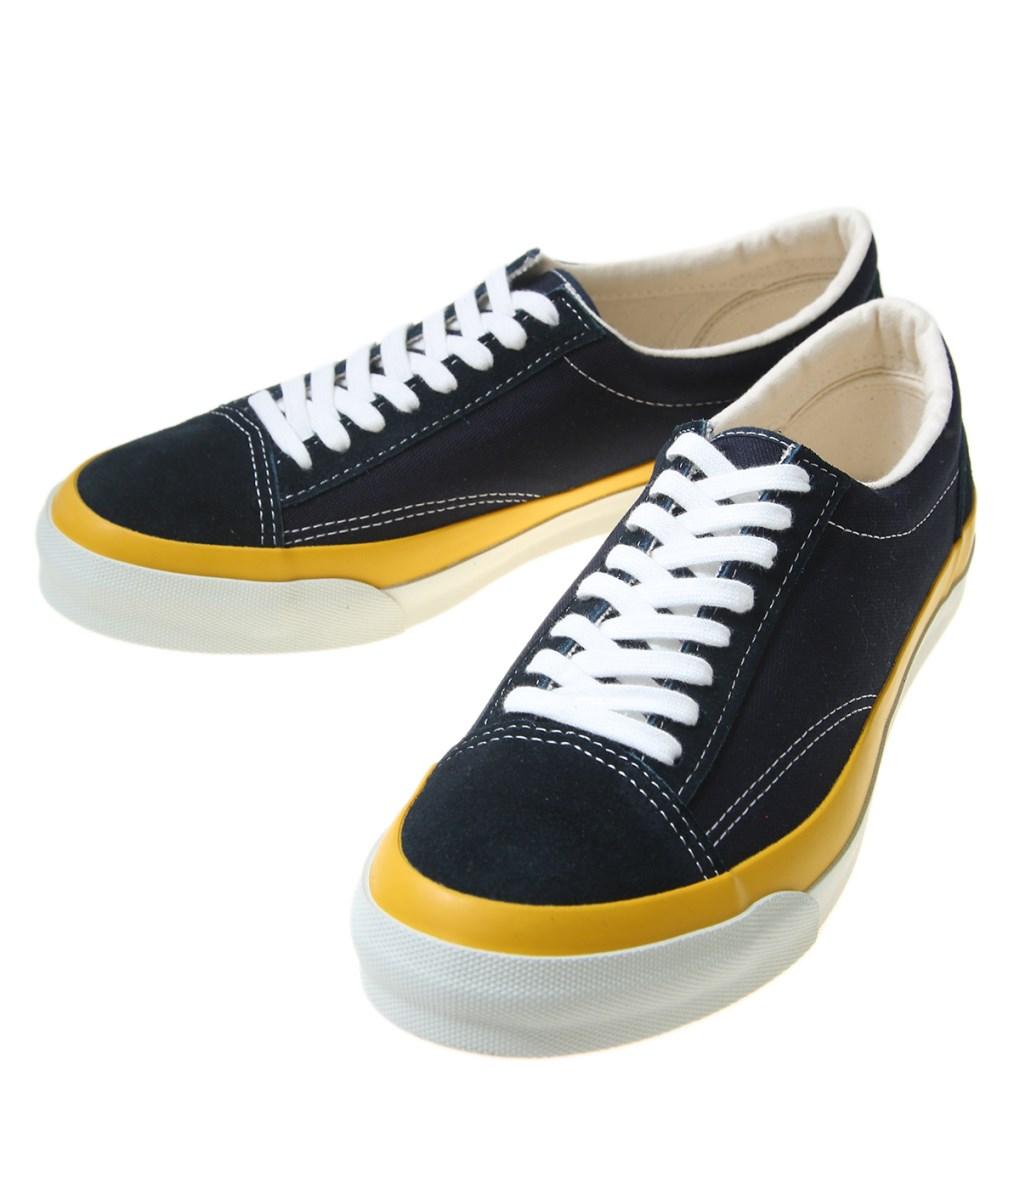 【アウトレットキャンペーン!】toast FOOT & EYE GEAR / トーストフットアンドアイギア : toe / 全3色 : トーストフットアンドアイギア スニーカー 靴 メンズ : toe-toast 【NOA】